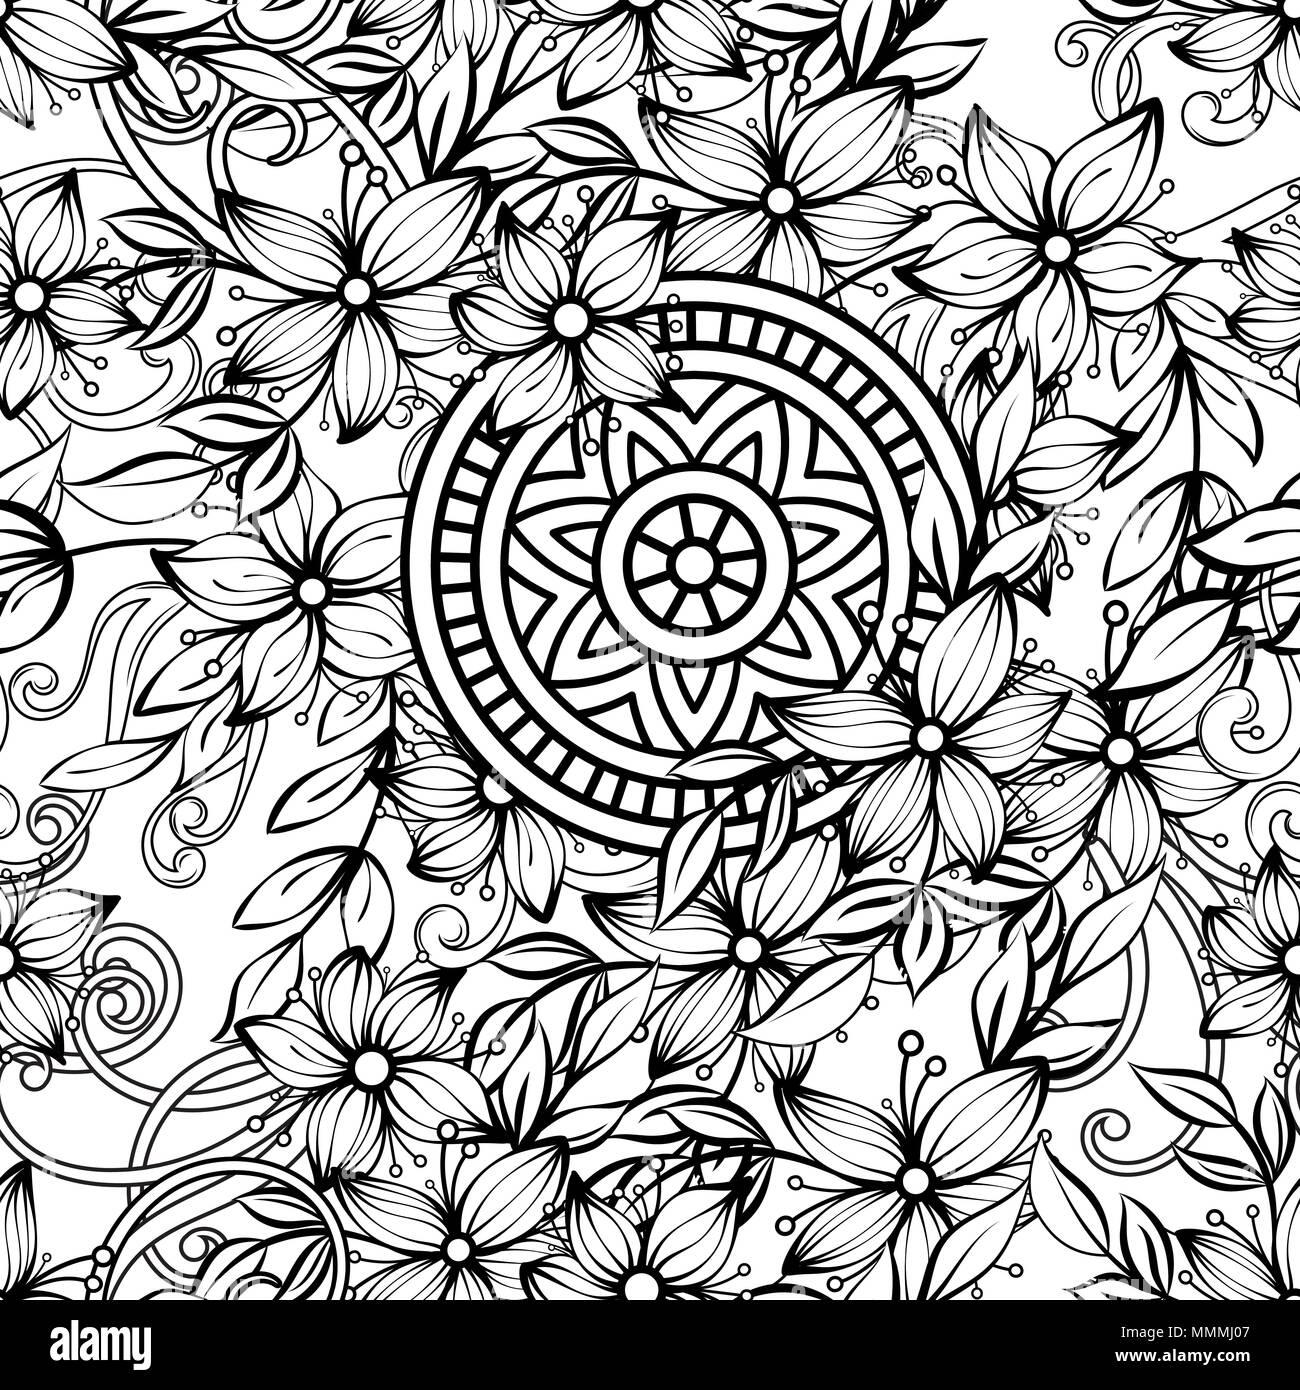 Florale nahtlose Muster in Schwarz und Weiß. Nach Malbuch Seite mit Blumen und Mandalas. Hand Vector Illustration gezeichnet. Doodles Hintergrund Stockbild